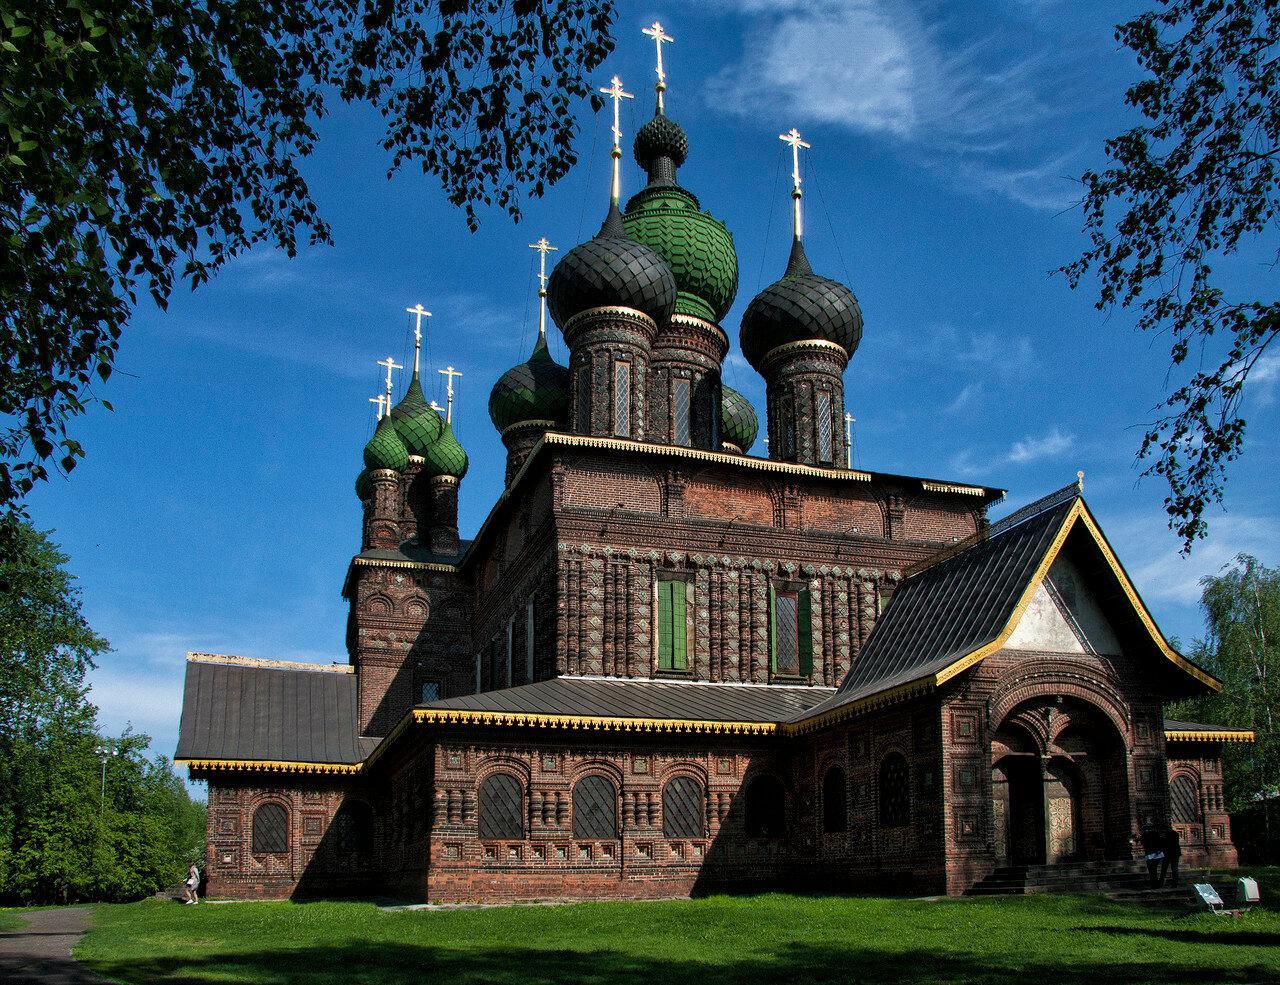 Лето в Ярославле: считаем купола и знакомимся на Стрелке